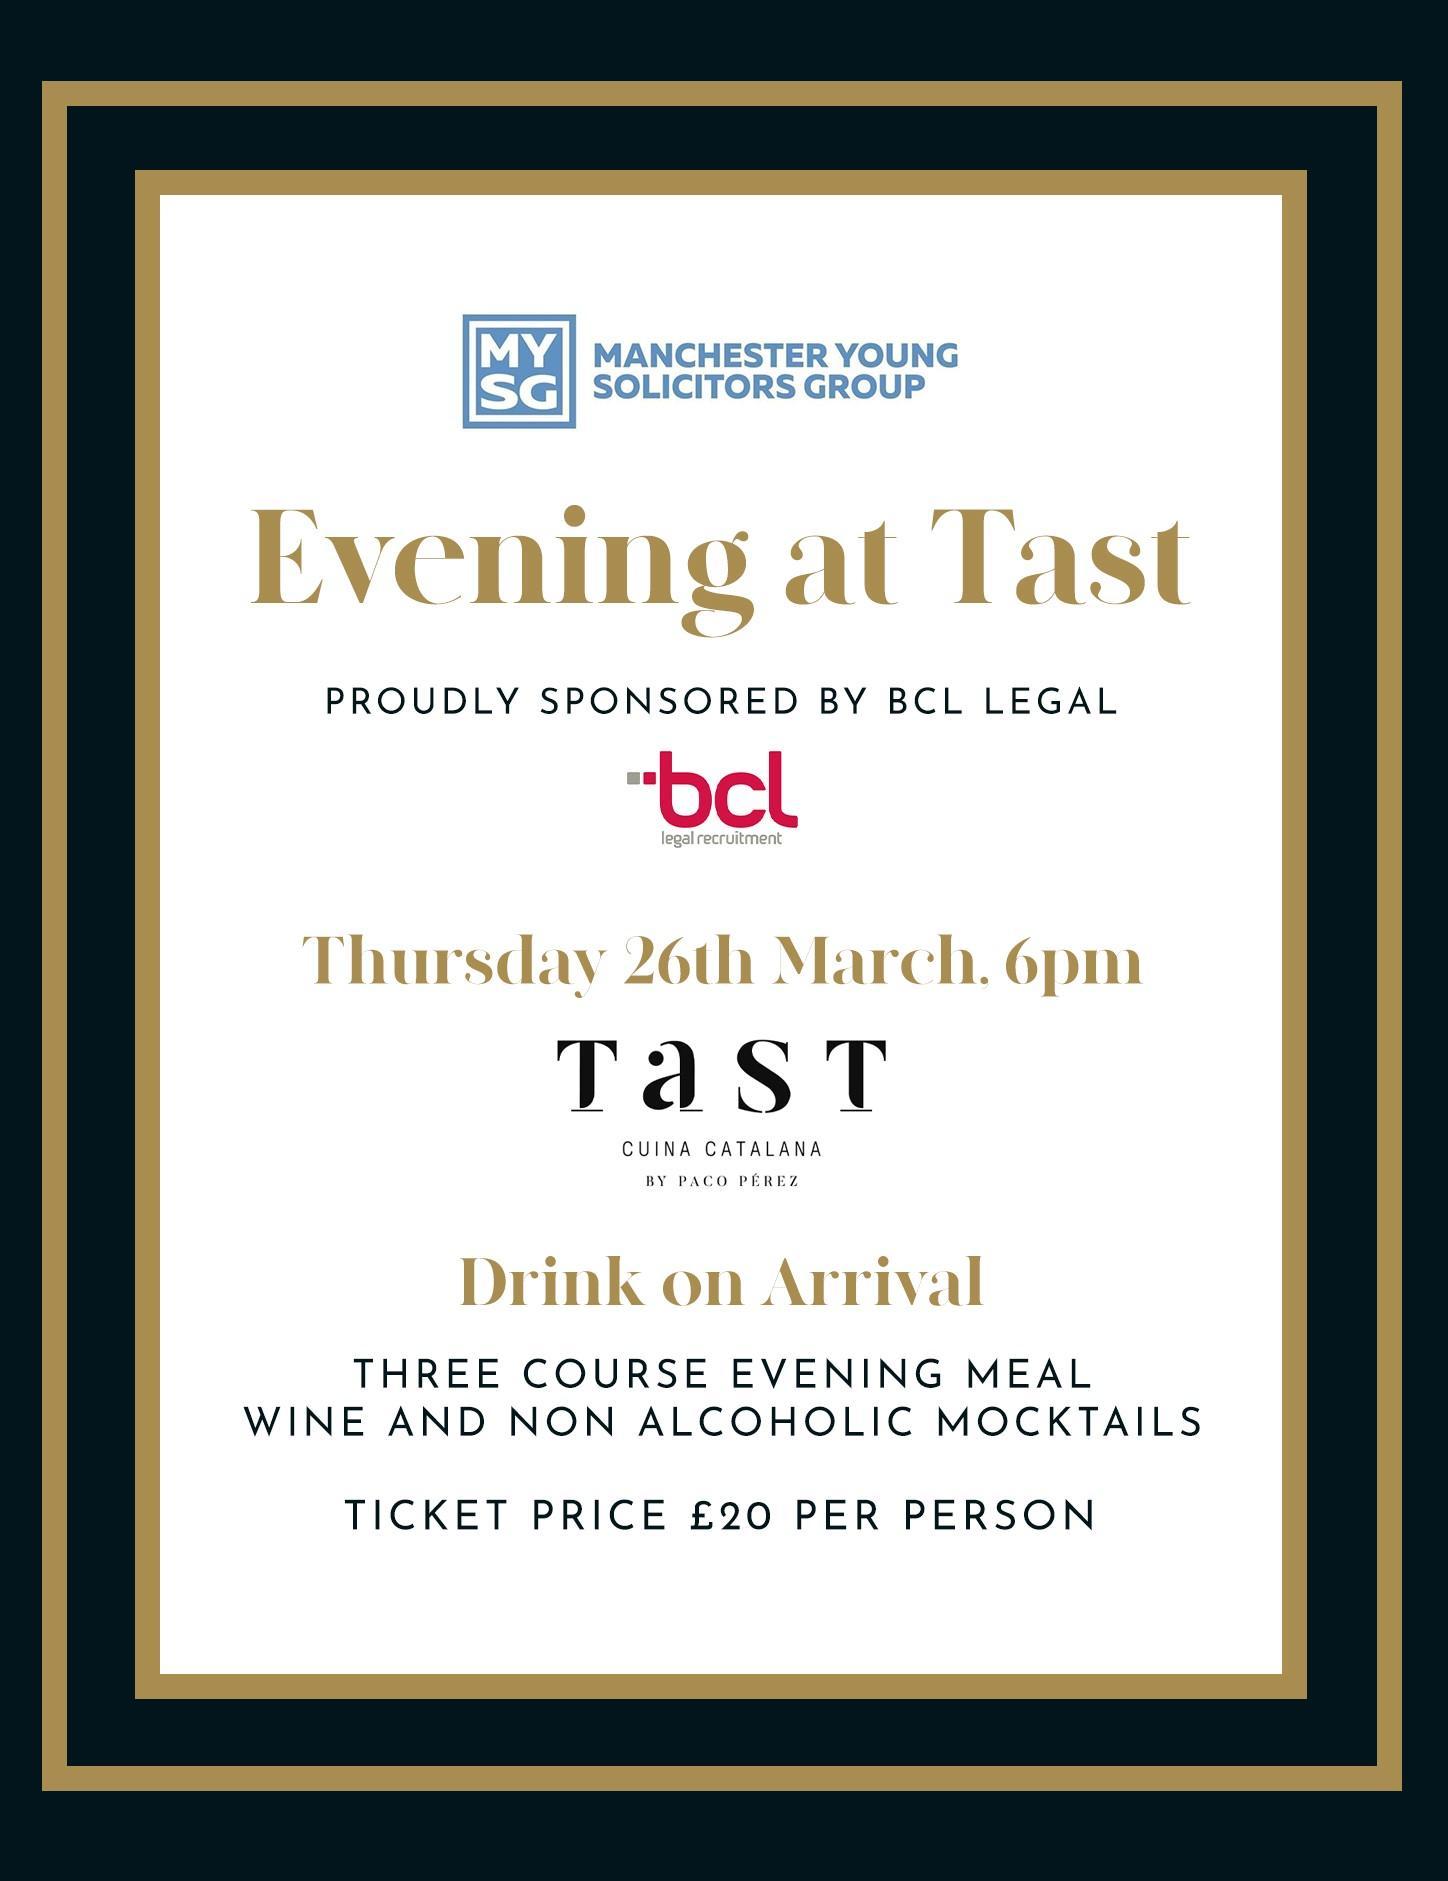 Evening at Tast